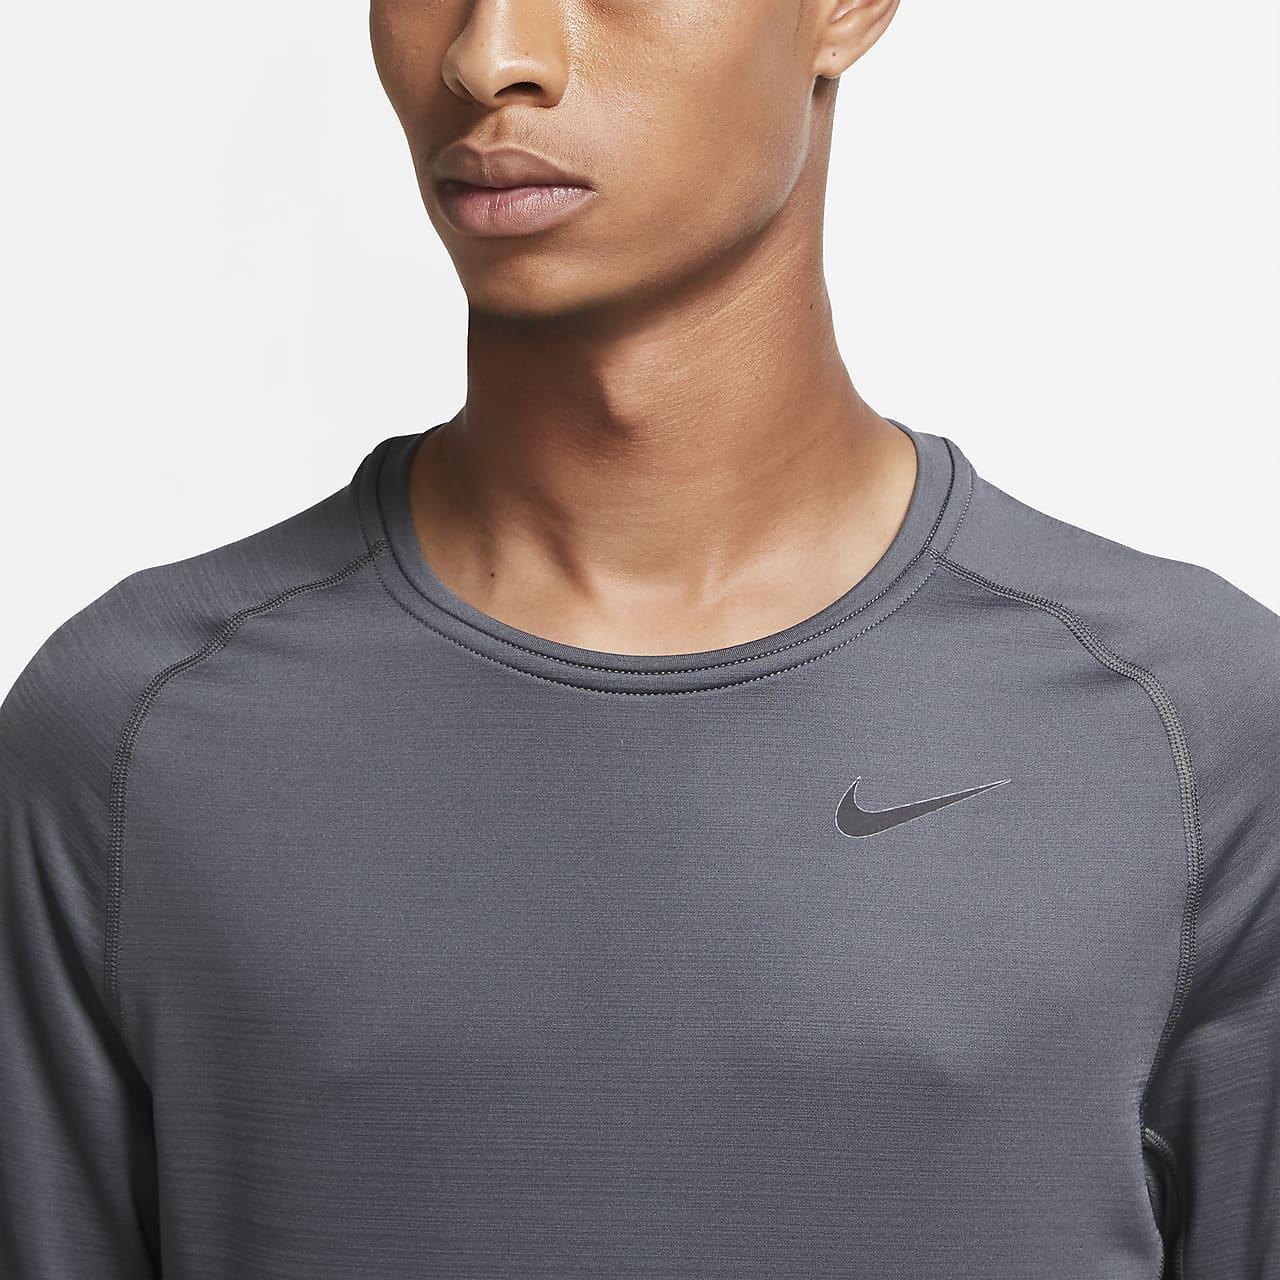 Nike Pro Warm Men's Long-Sleeve Top CU6740-068